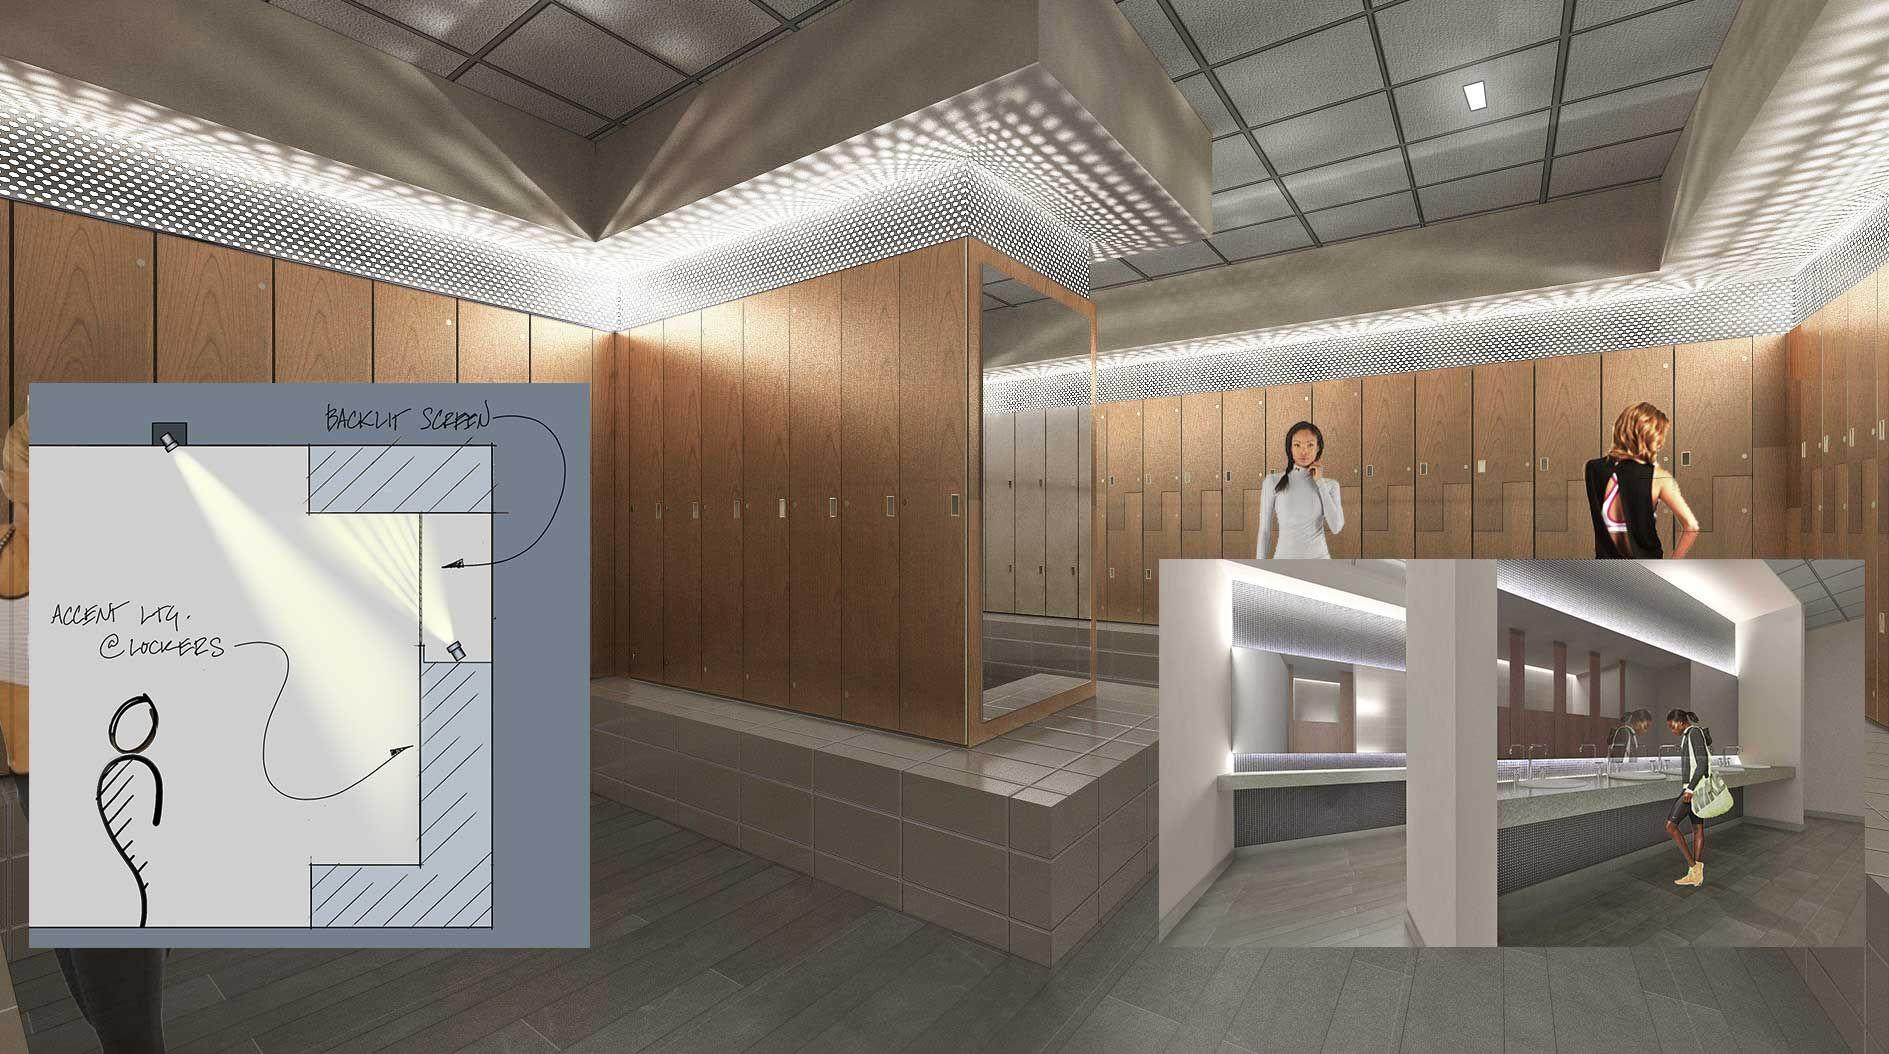 Locker room lighting lighting ideas for Dressing room lighting ideas